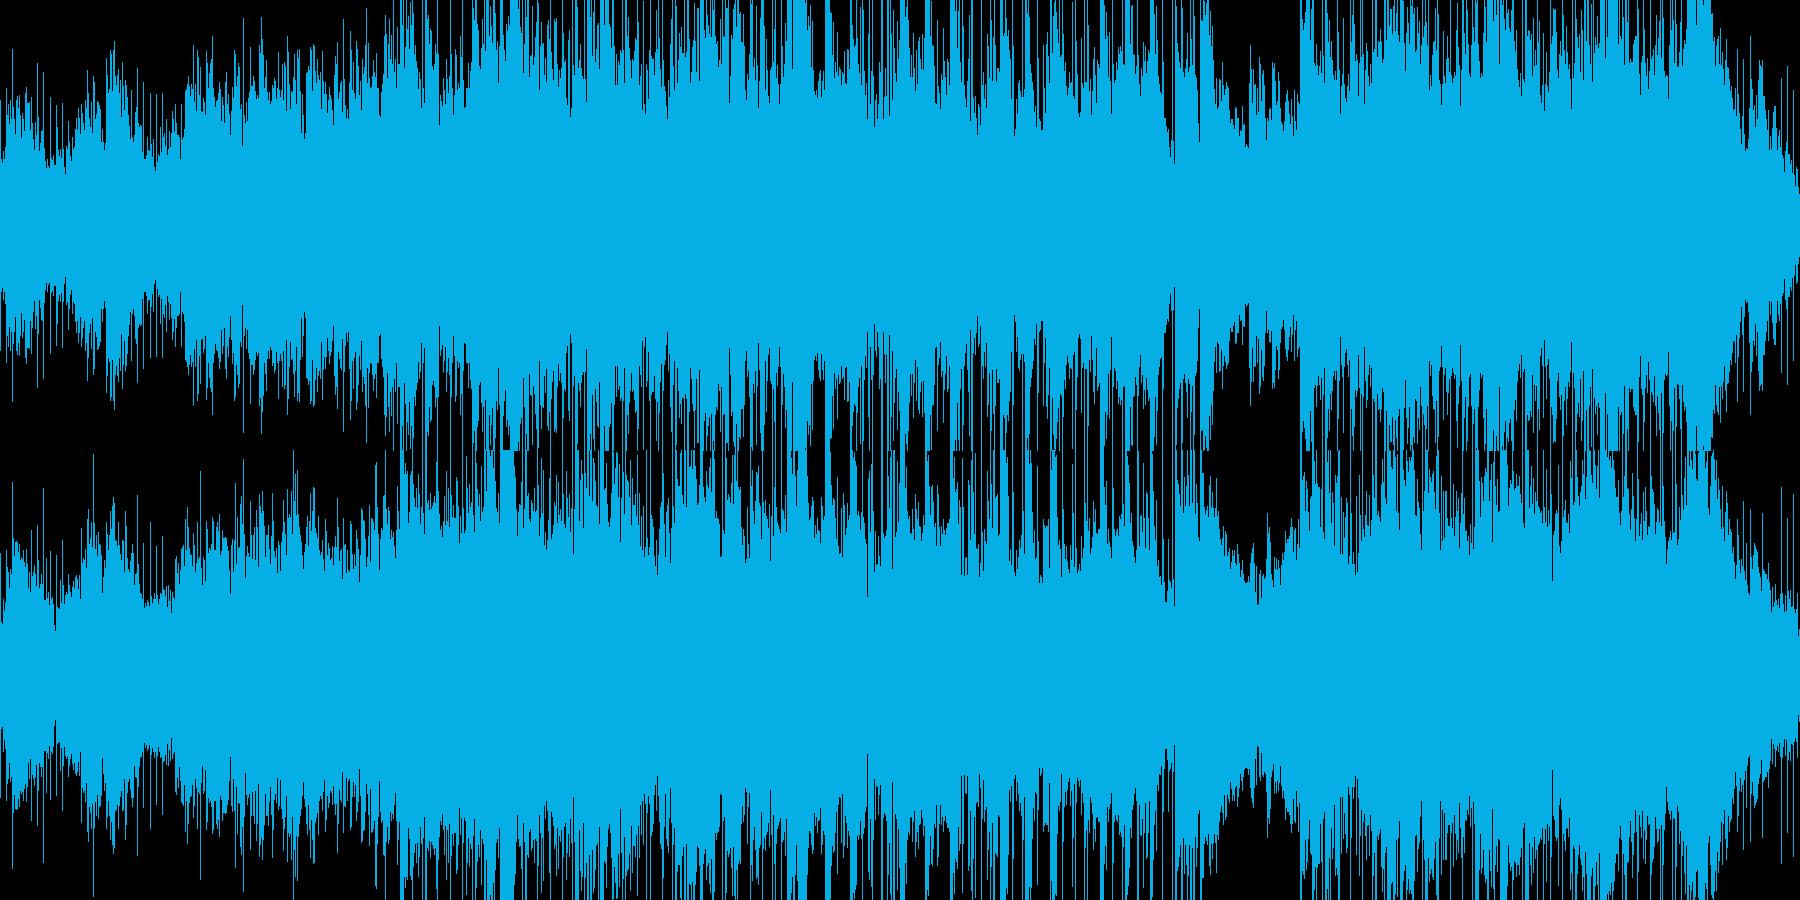 【ループ】不安や悲しみを演出するBGMの再生済みの波形